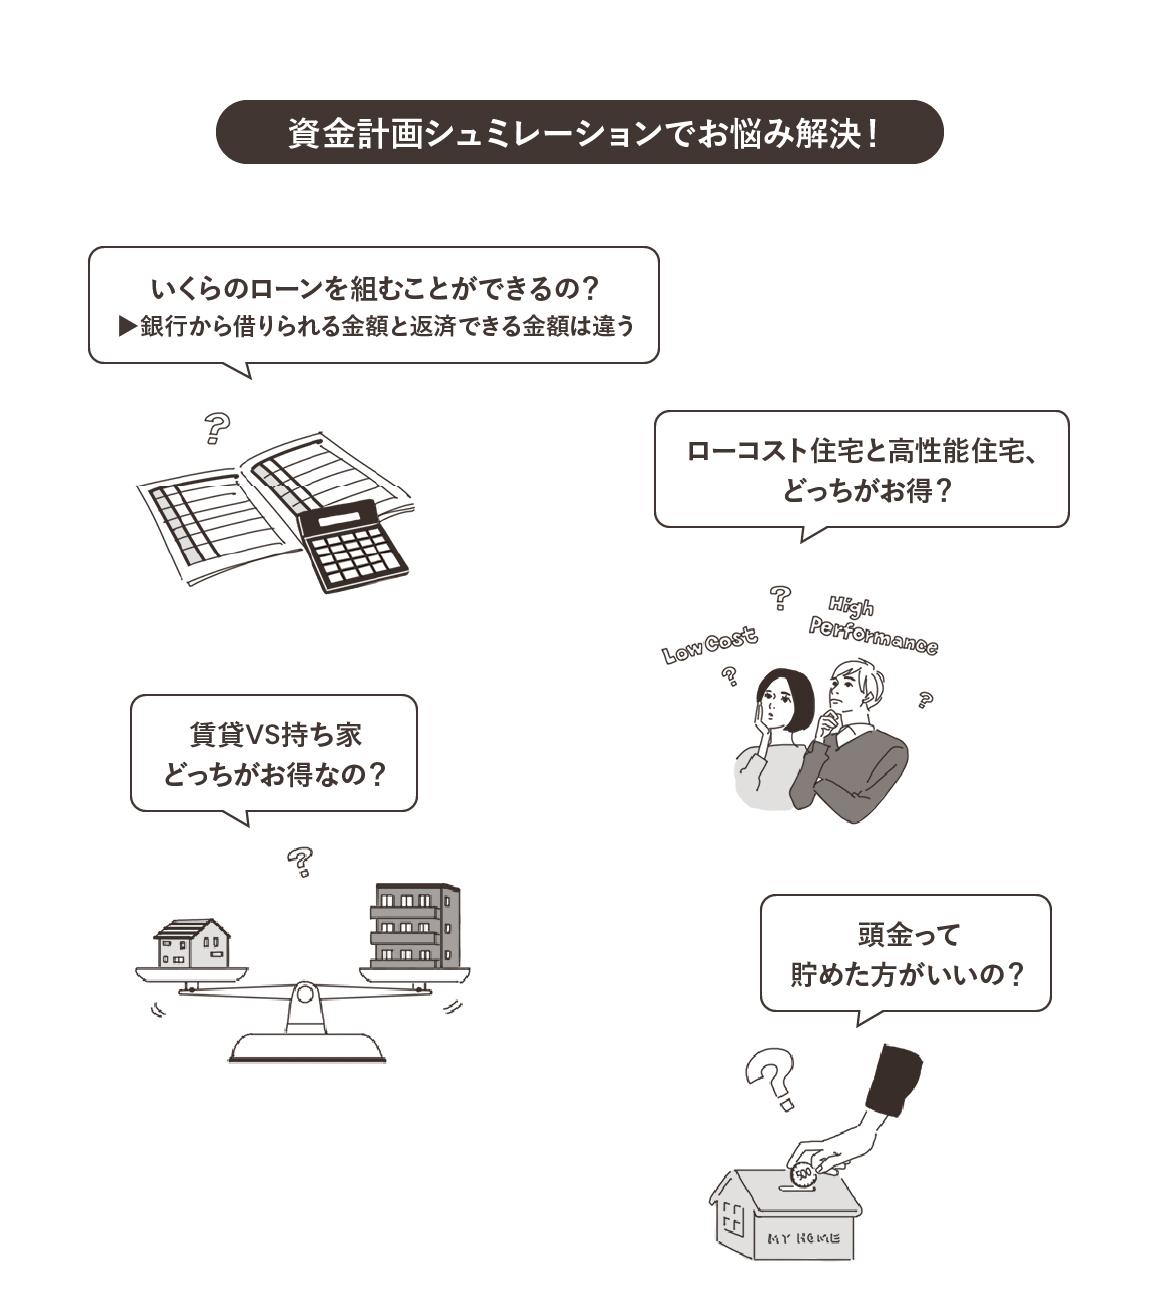 資金計画イメージ